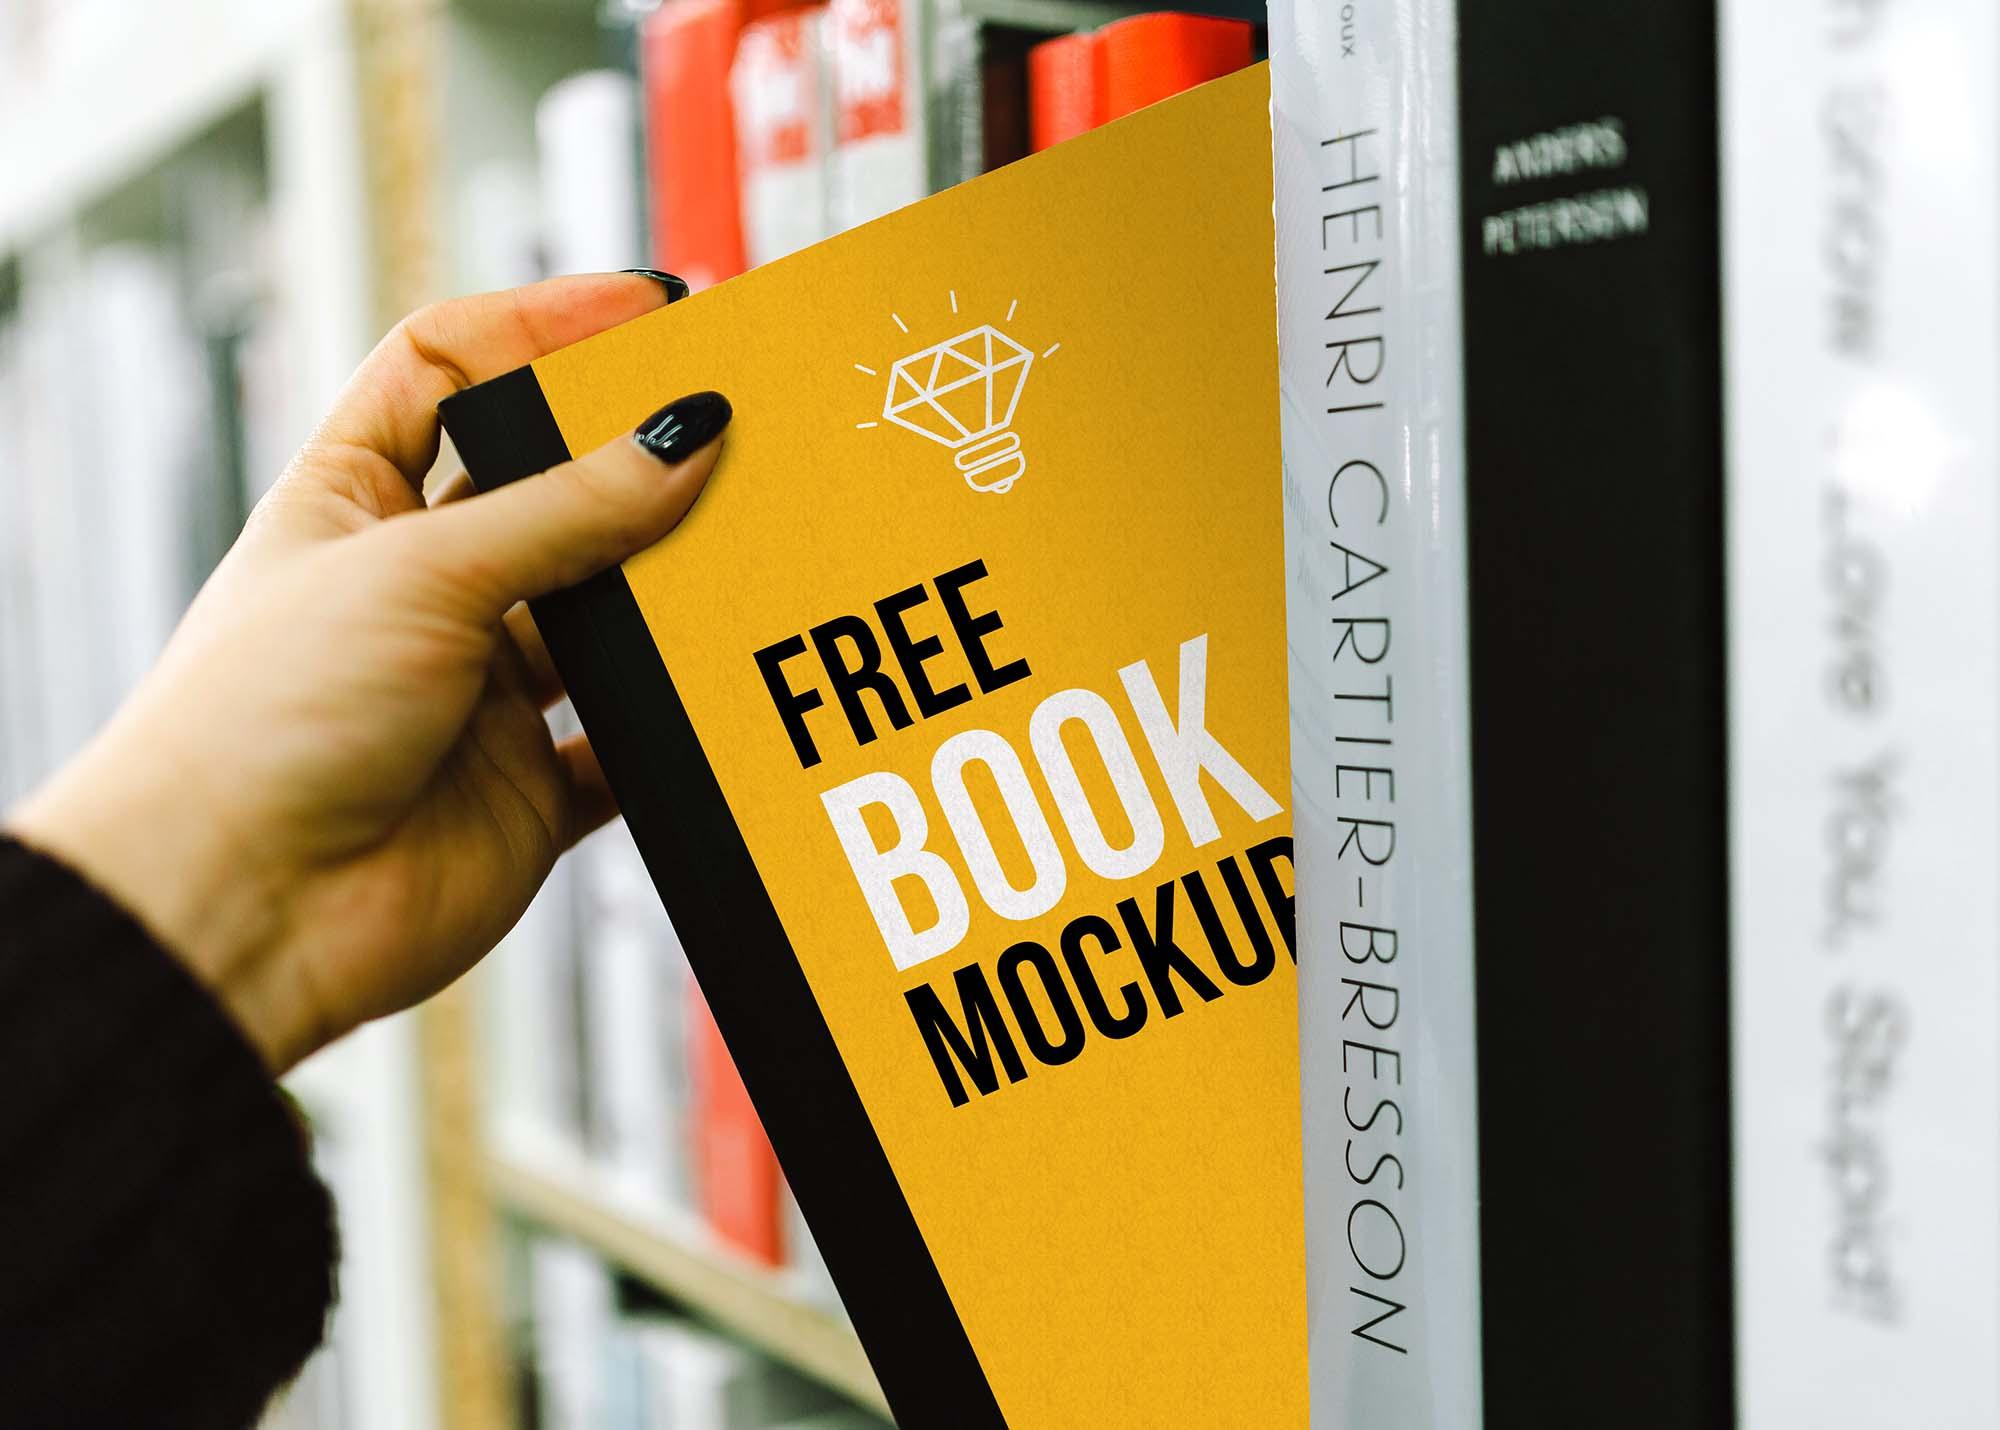 Book on Shelf Mockup